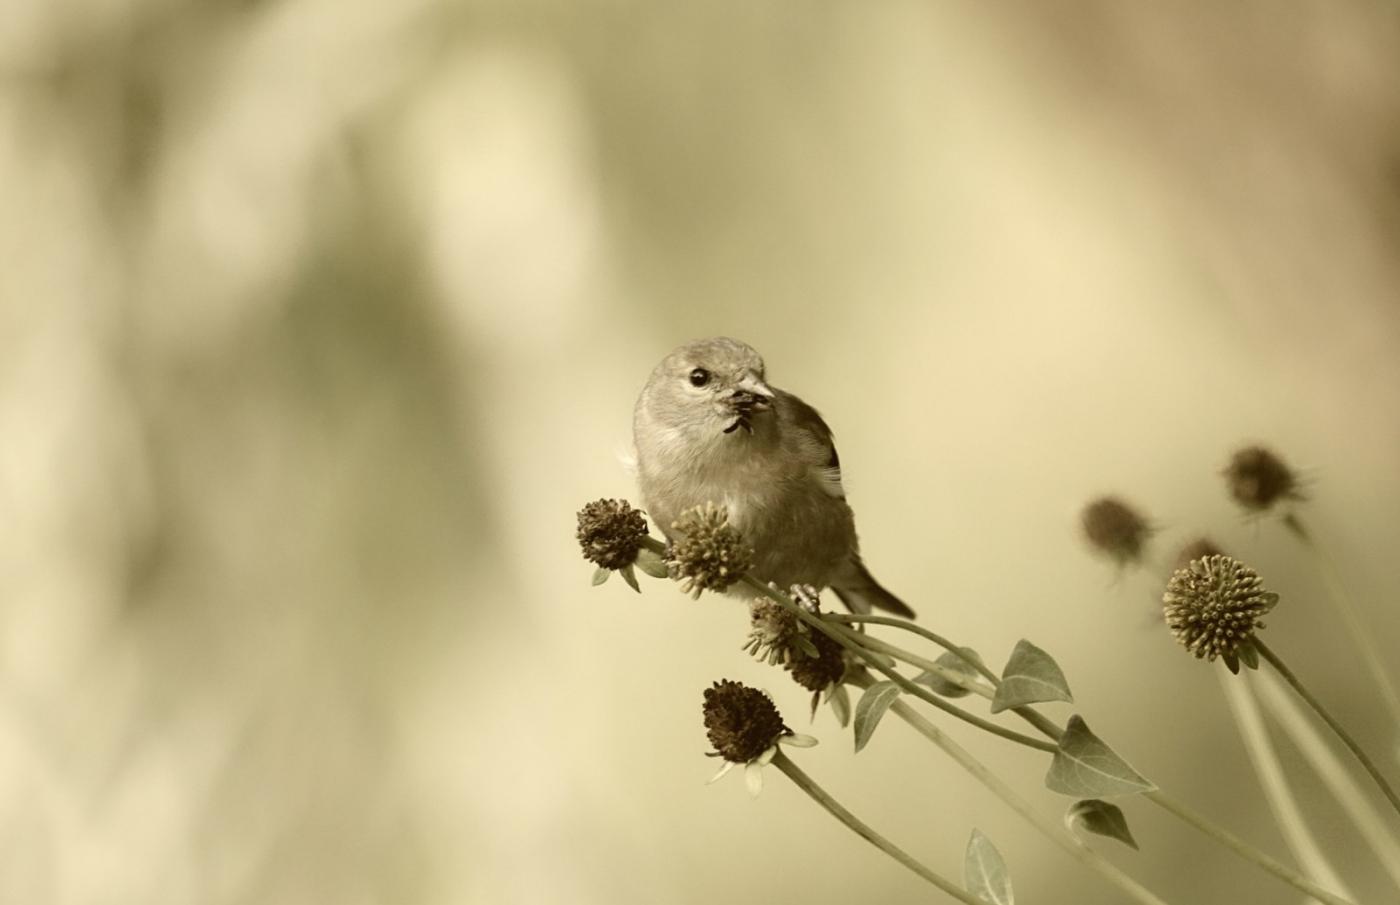 [田螺摄影]金翅鸟_图1-3